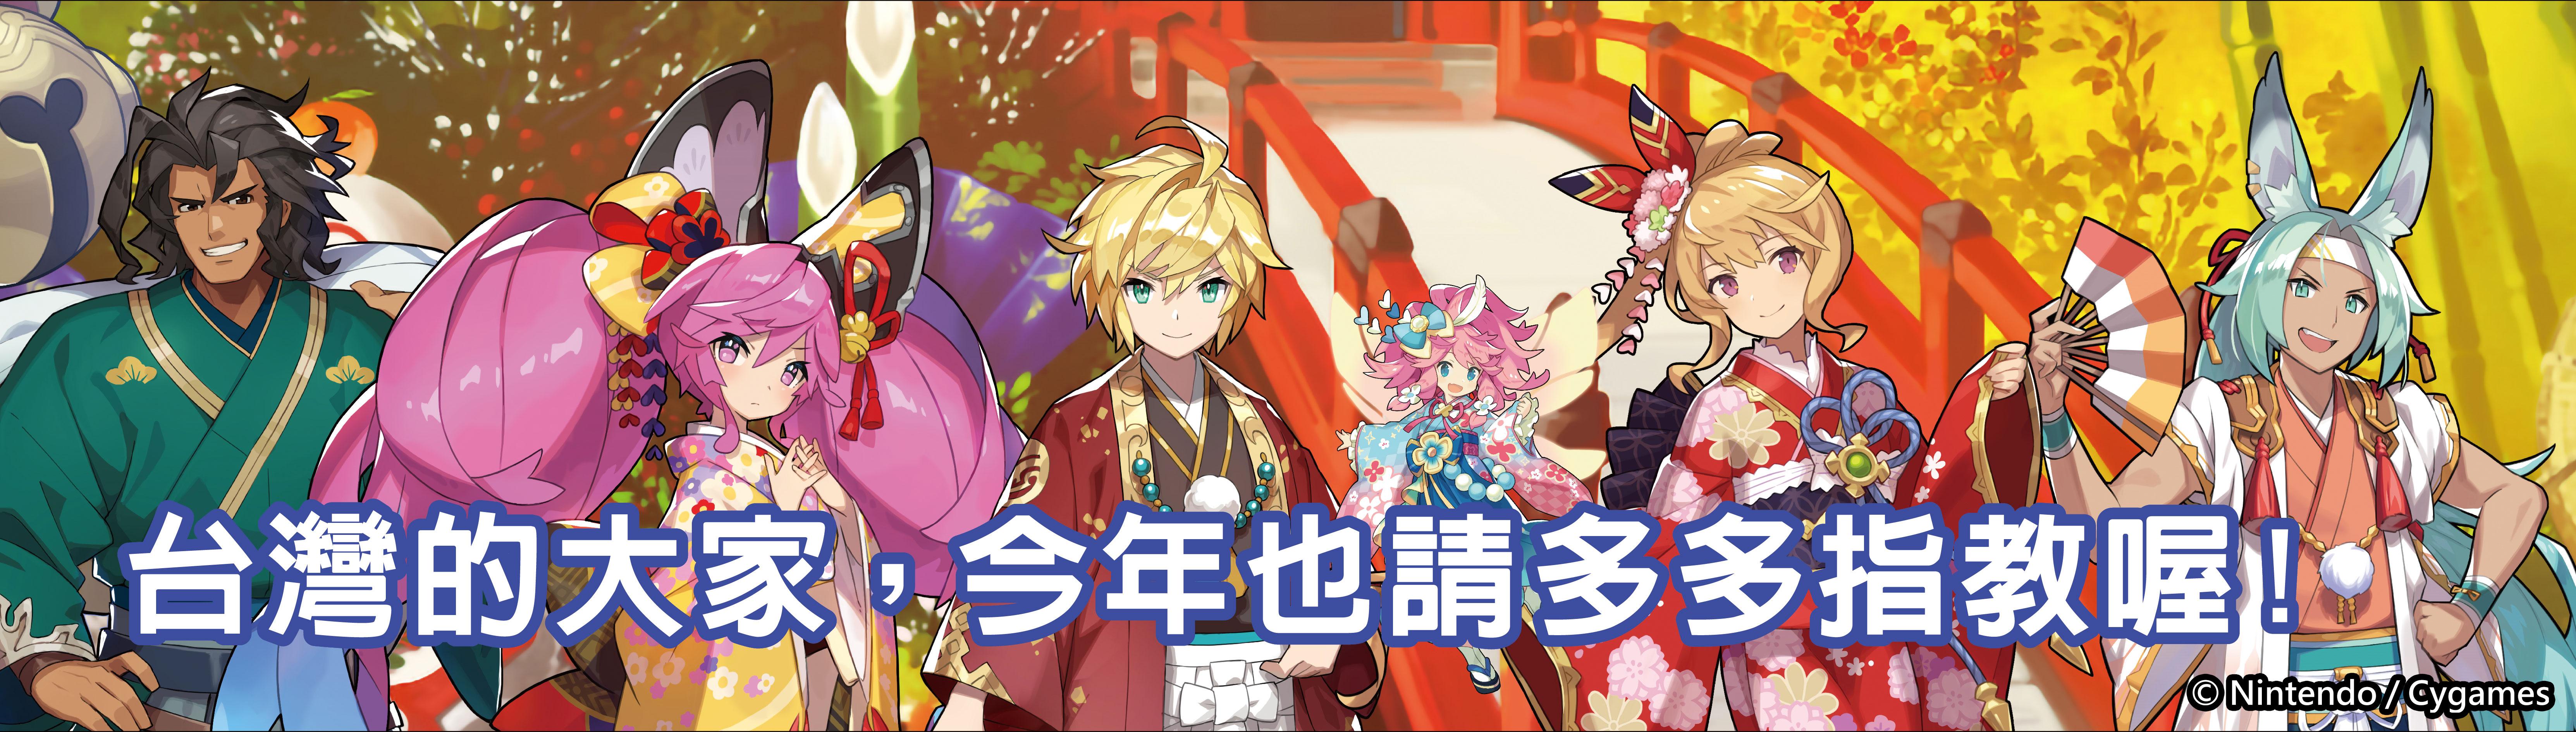 《Dragalia Lost ~失落的龍絆~》台北電玩展活動內容詳情釋出,知名聲優內山昂輝與朝井彩加將來台出席特別活動